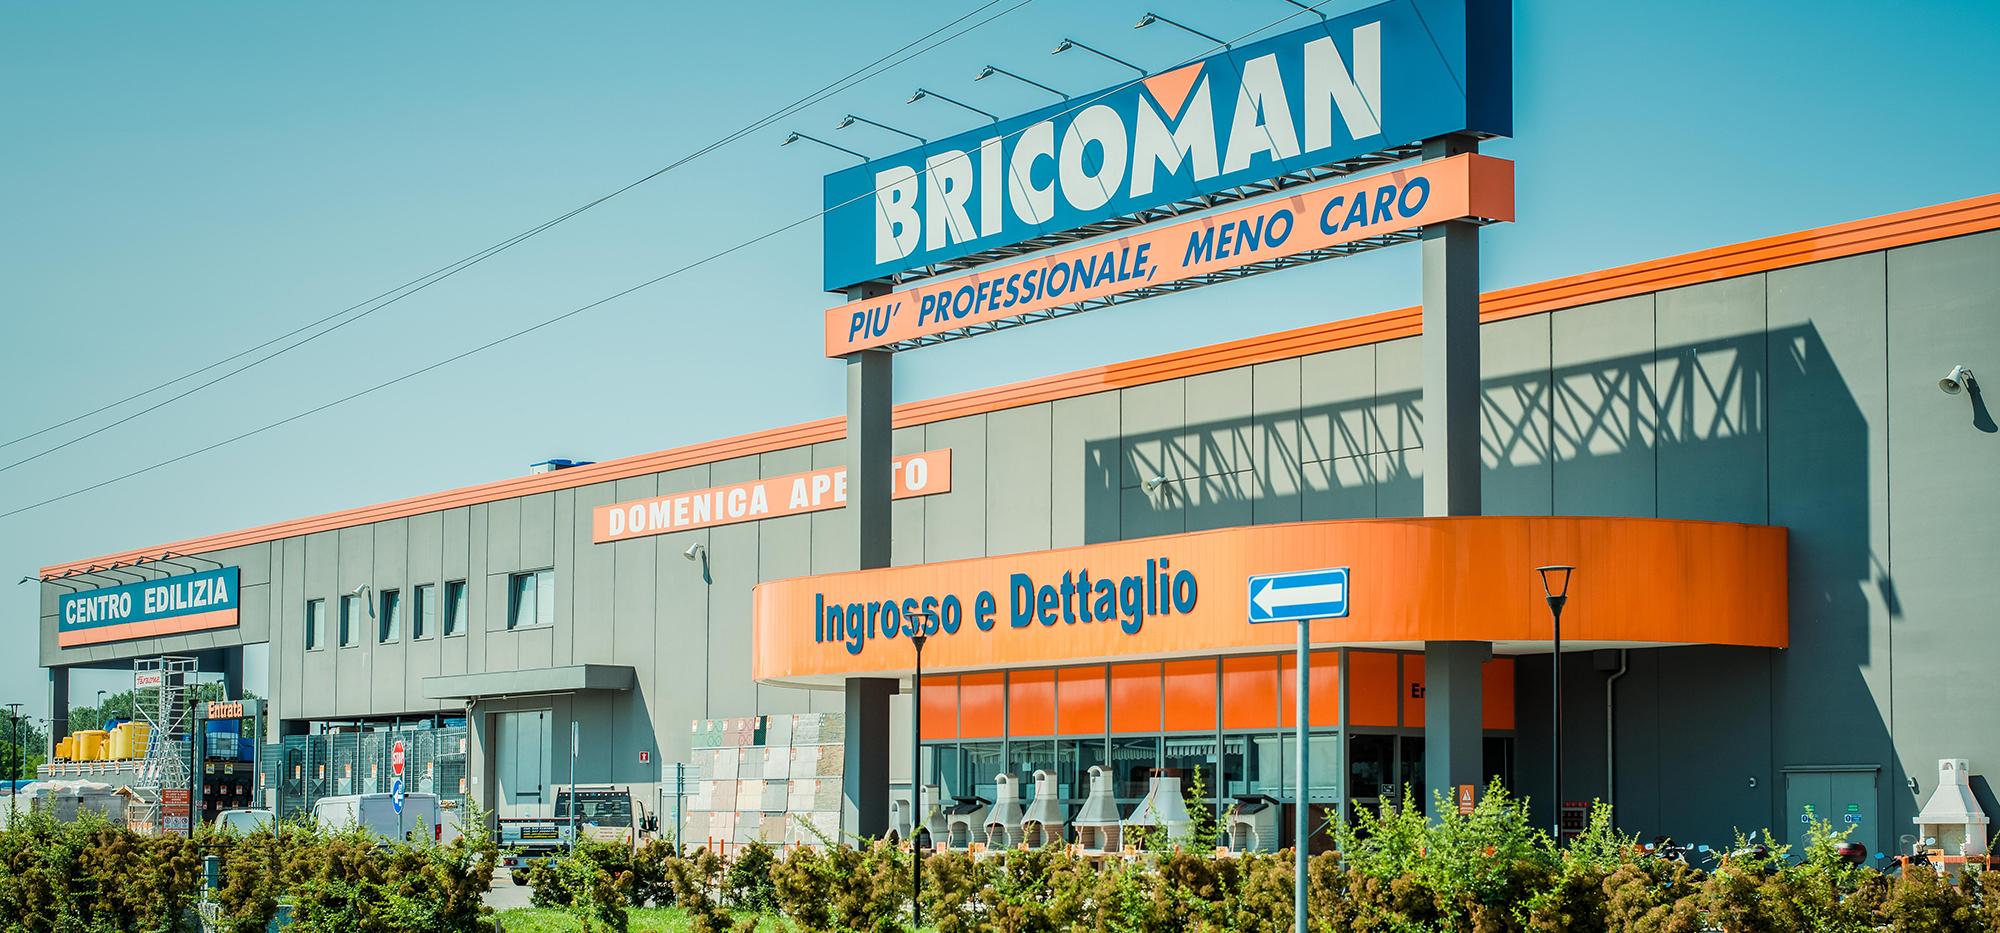 BricoMan02